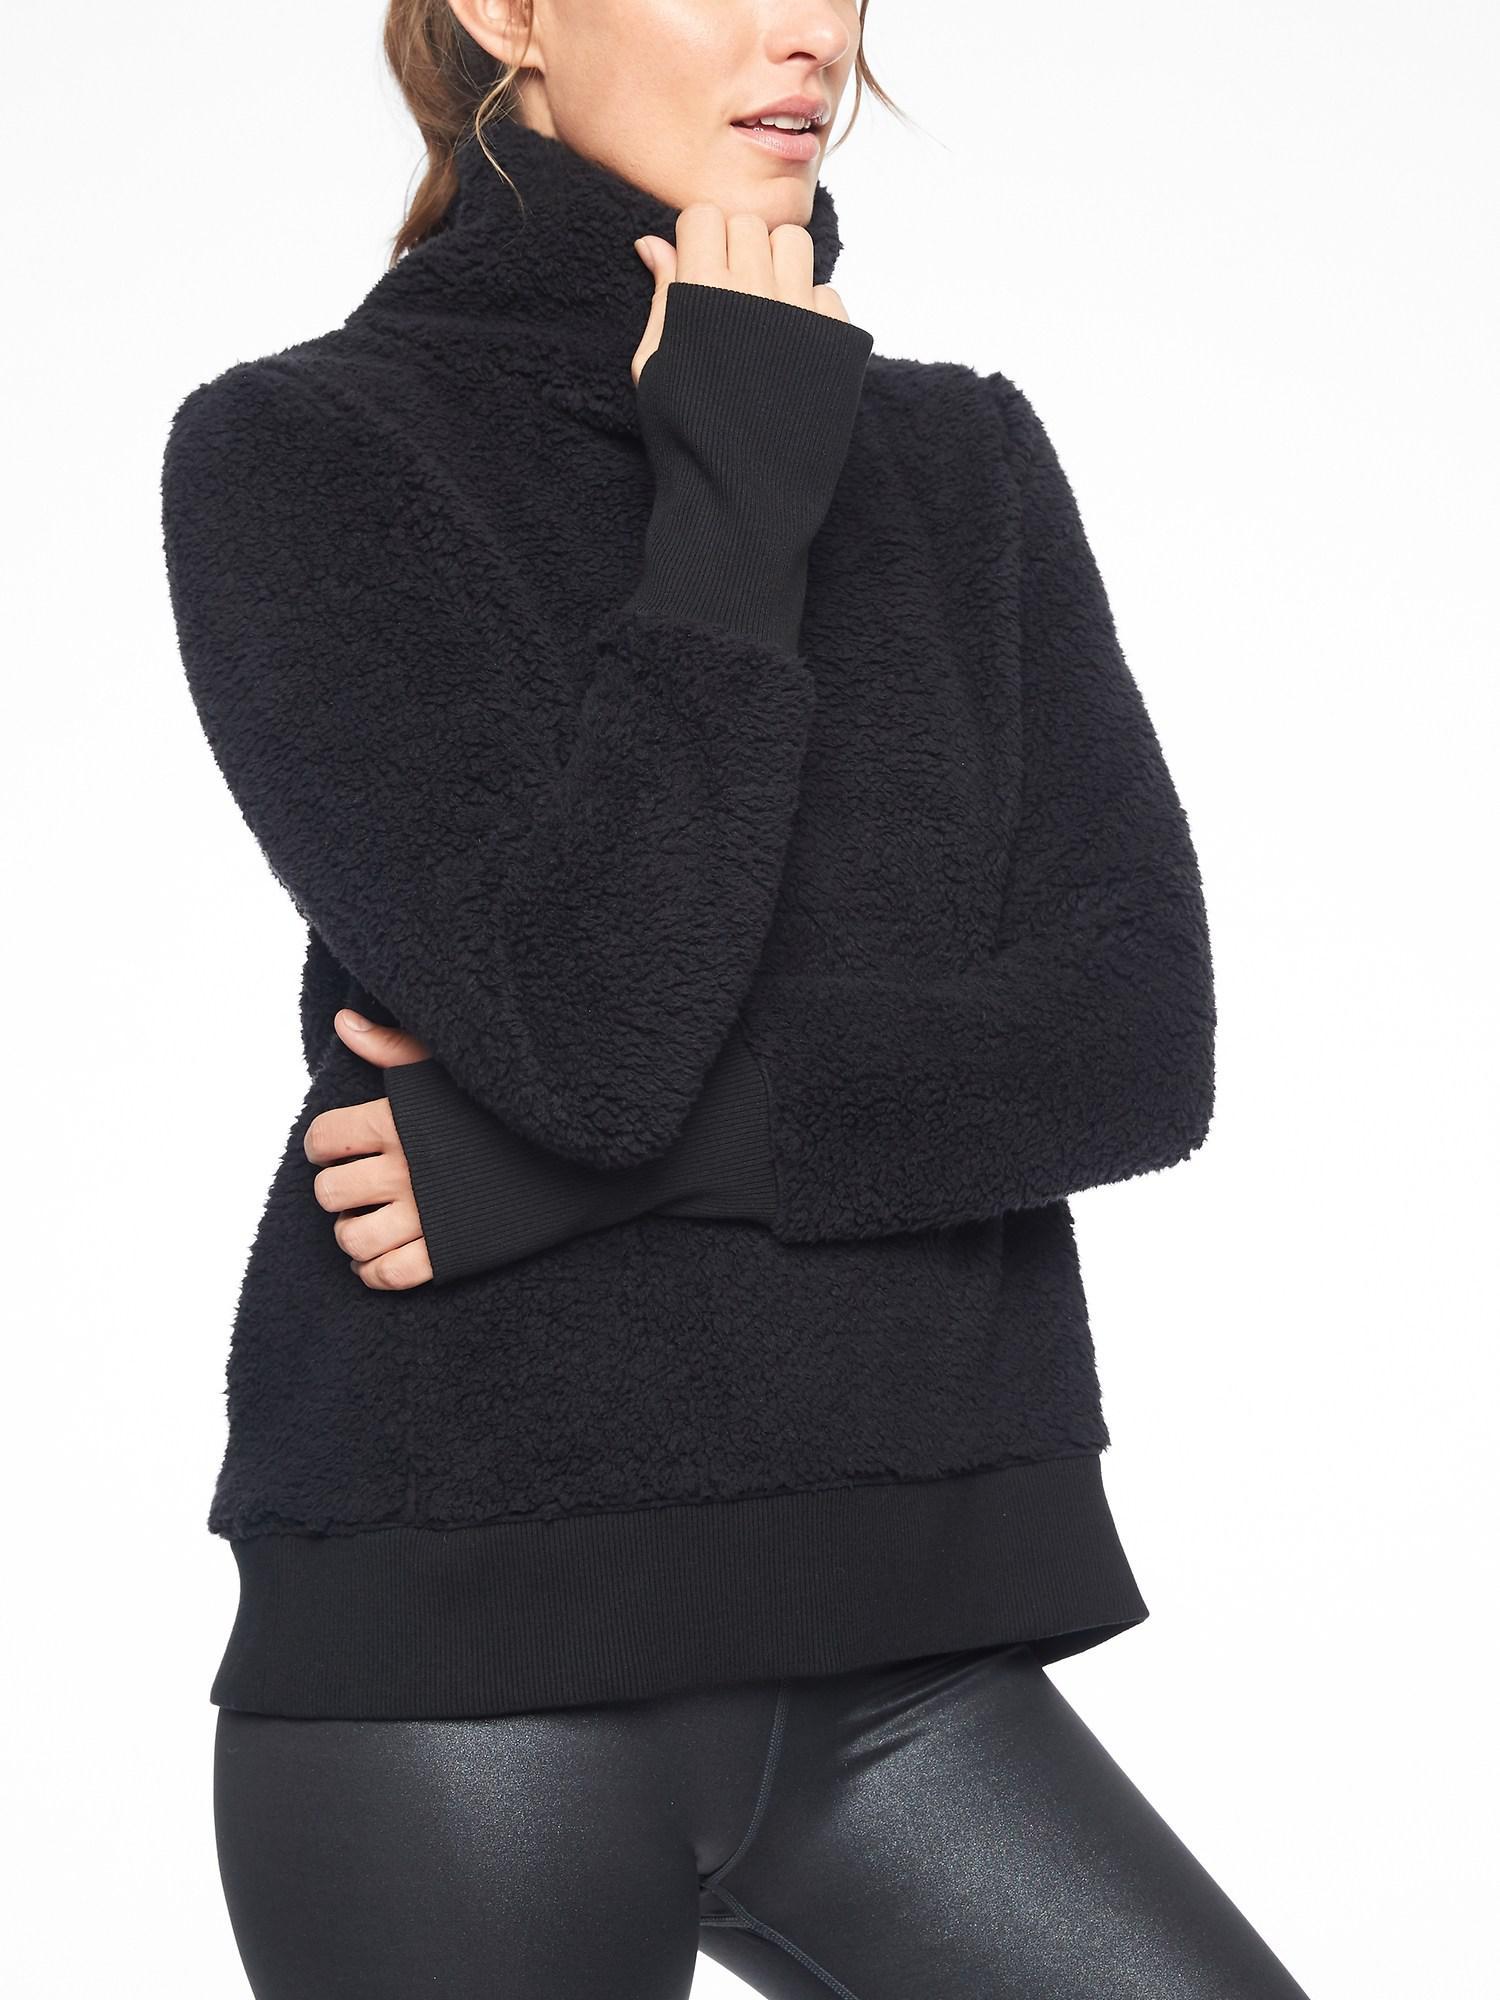 127a7f9cf3b56 Lyst - Athleta Nirvana Sherpa Funnel Neck Sweatshirt in Black